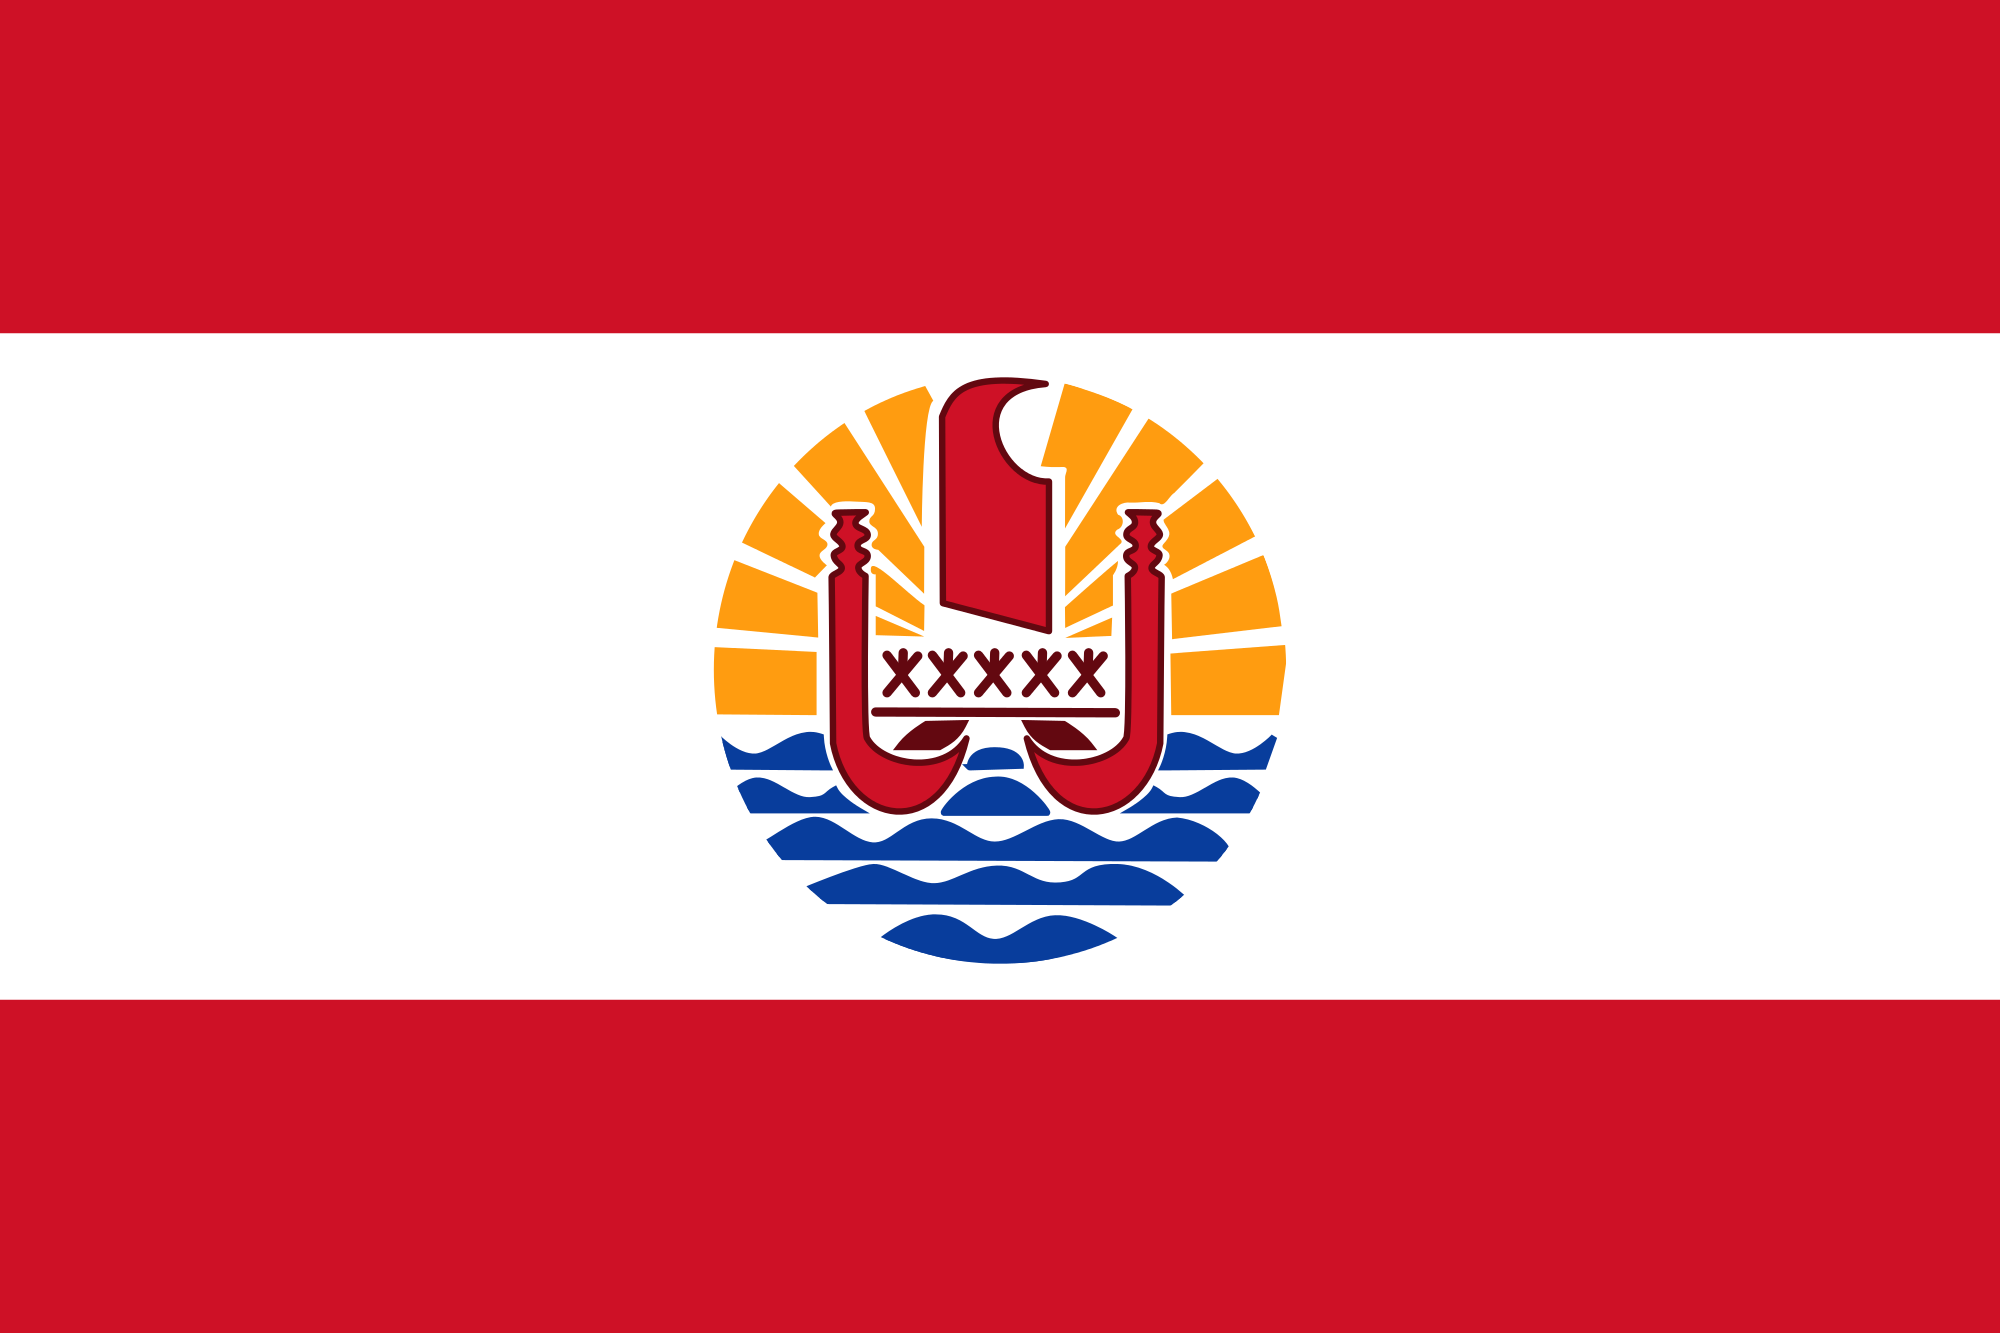 Французская Полинезия, страна, Эмблема, логотип, символ - Обои HD - Профессор falken.com